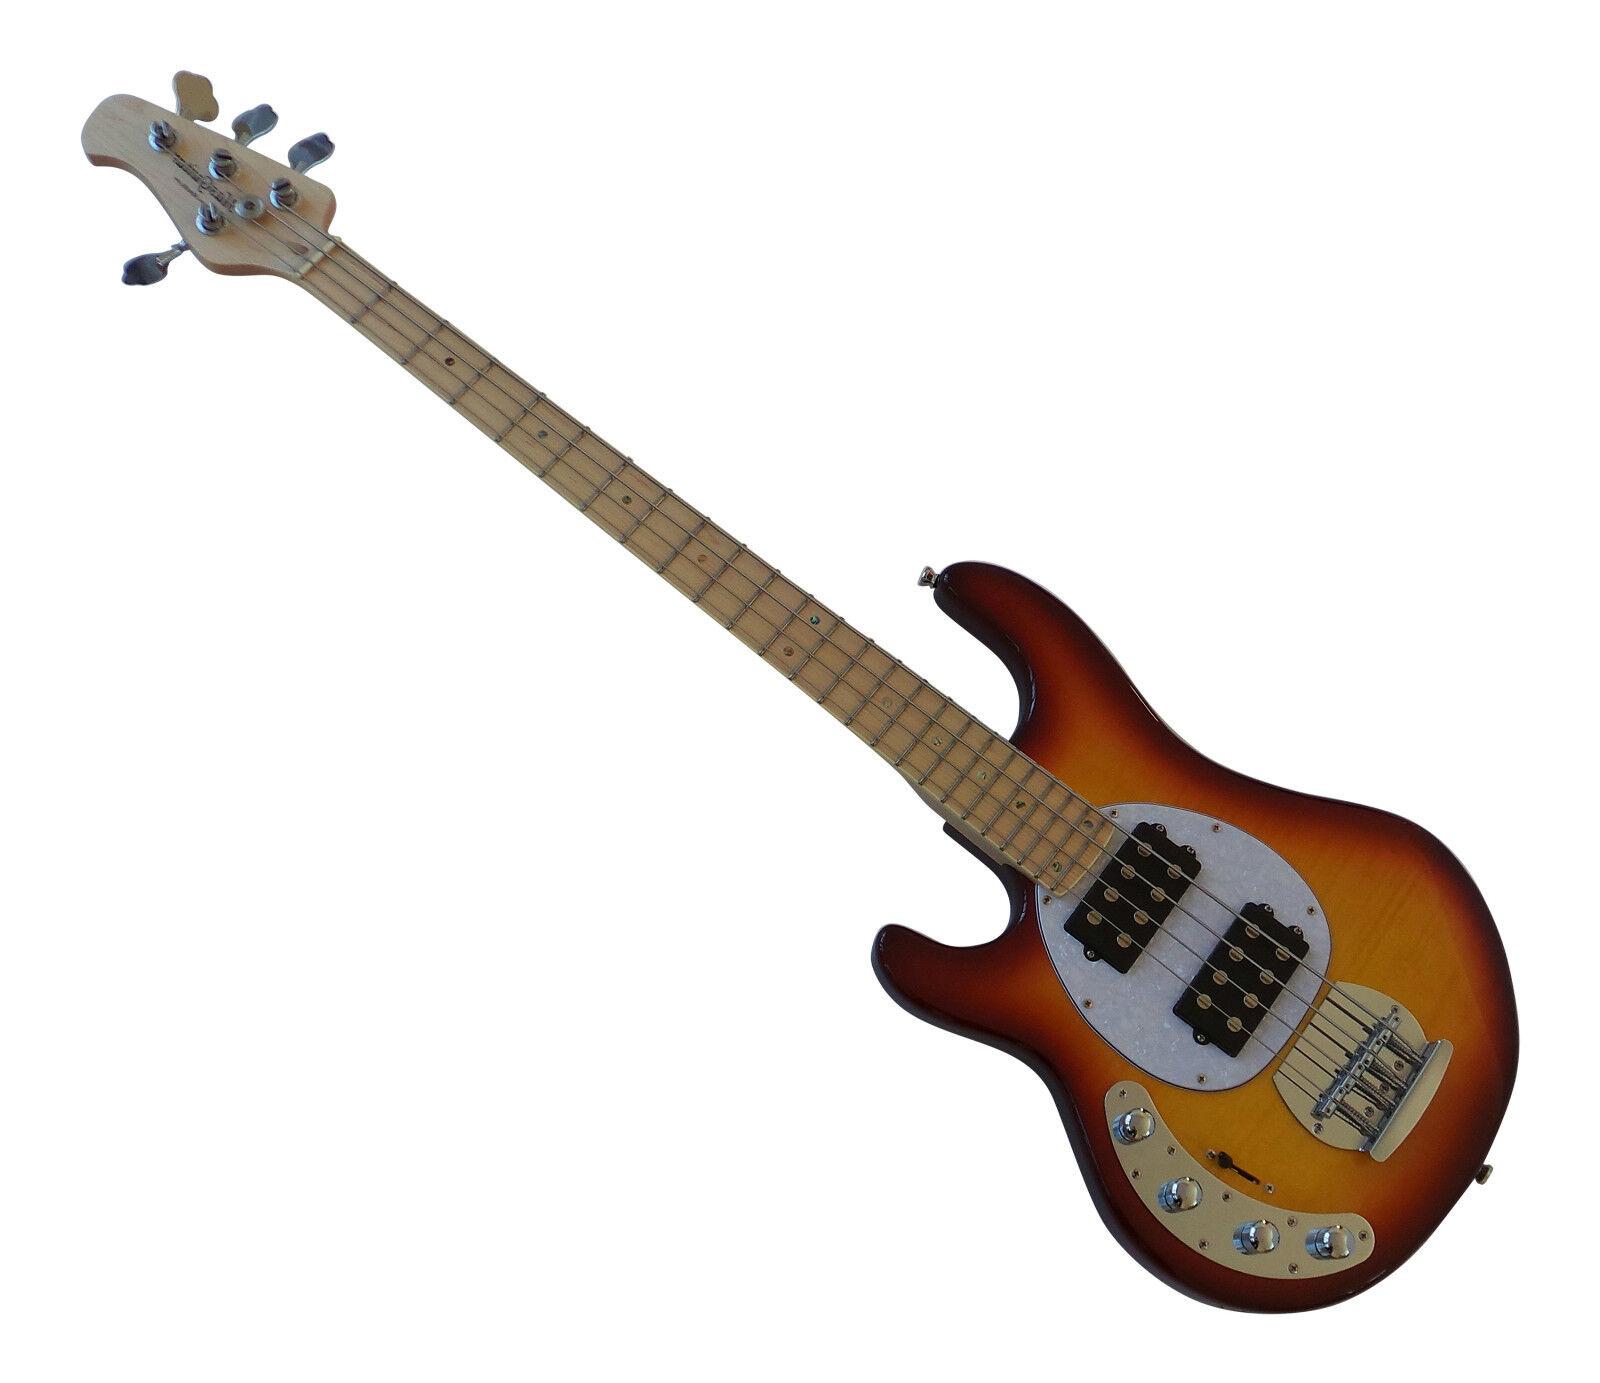 Lefty Stingris Bajo Guitarra Zurdo Humbucker Activo Doble Bobina Nuevo Nuevo Nuevo Rino 88  en venta en línea